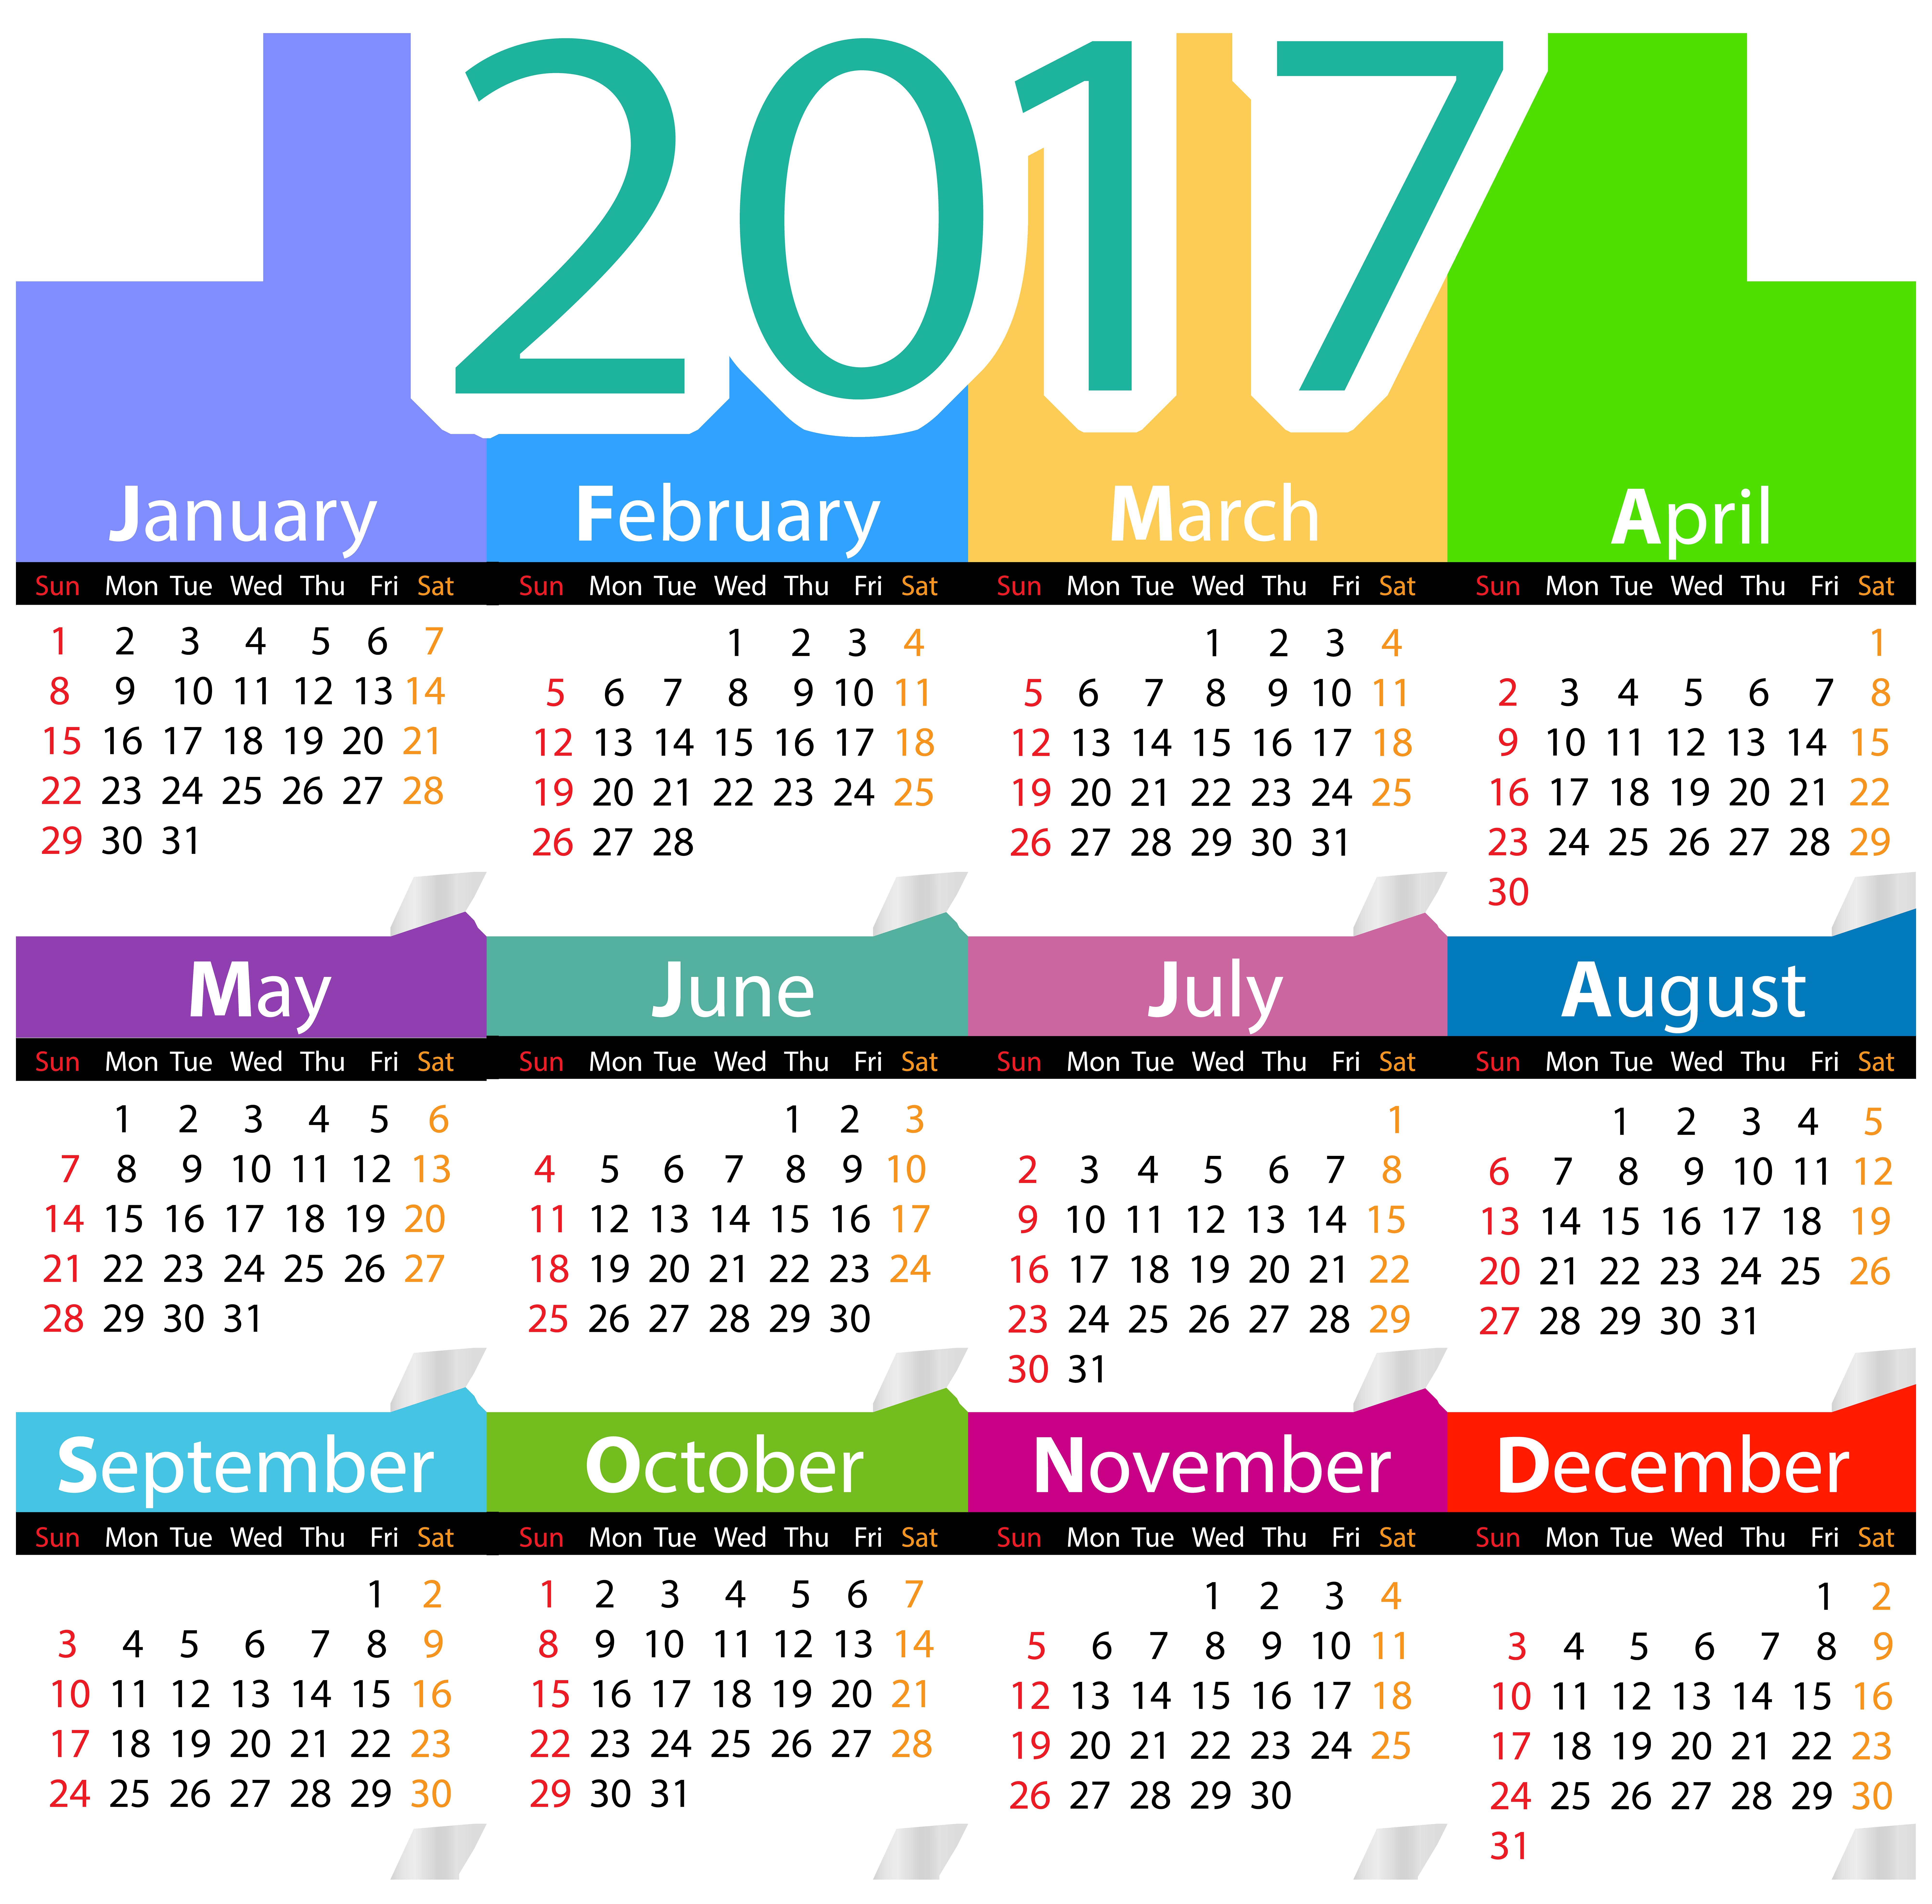 2017 Calendar PNG Clip Art Image.